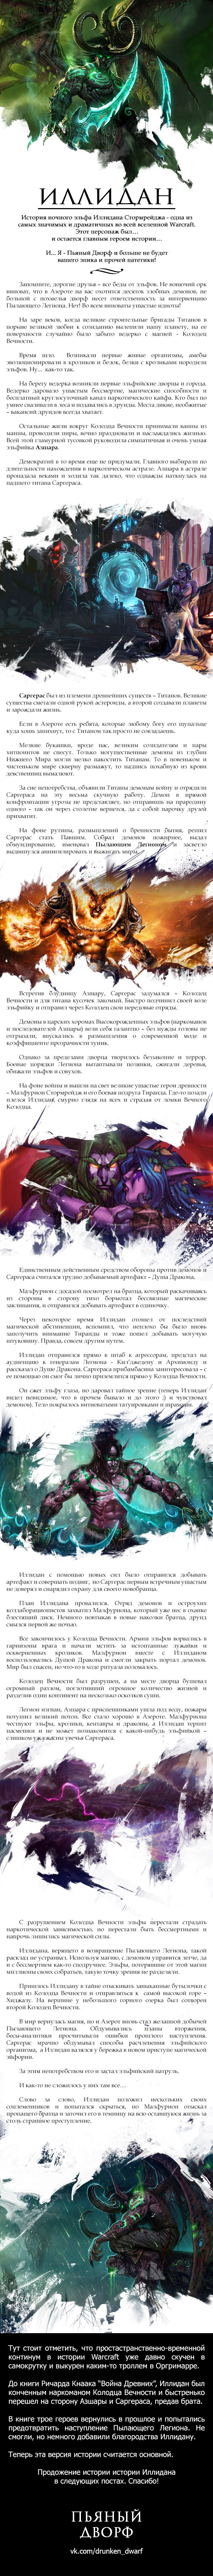 История Иллидана (записки Пьяного Дворфа). - Изображение 1